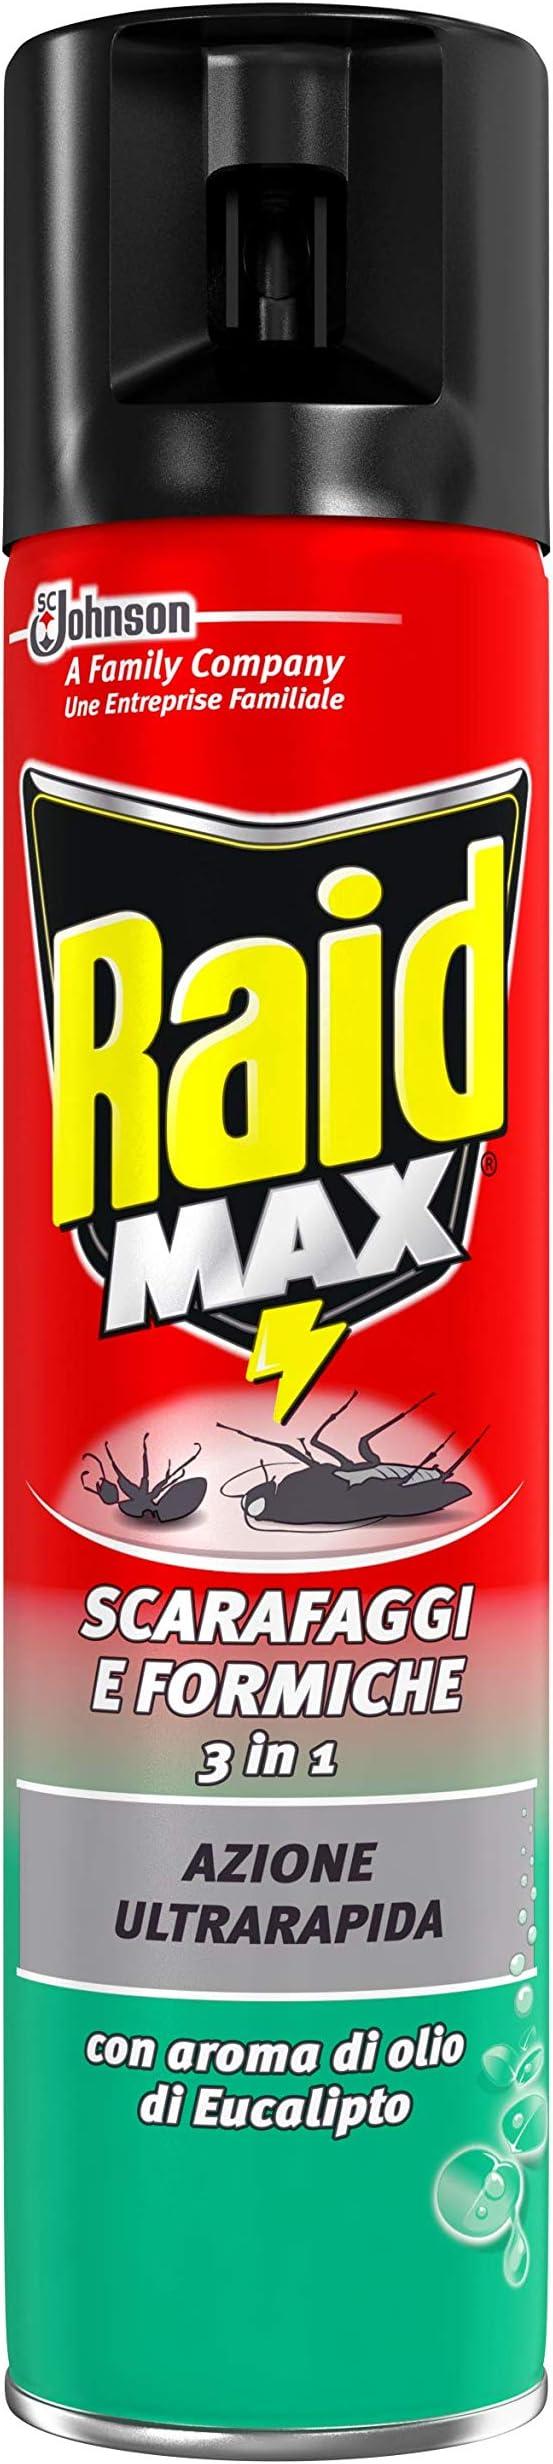 527 opinioni per Raid Max Scarafaggi & Formiche 3 in 1 Insetticida, Eucalipto, 1 Confezione da